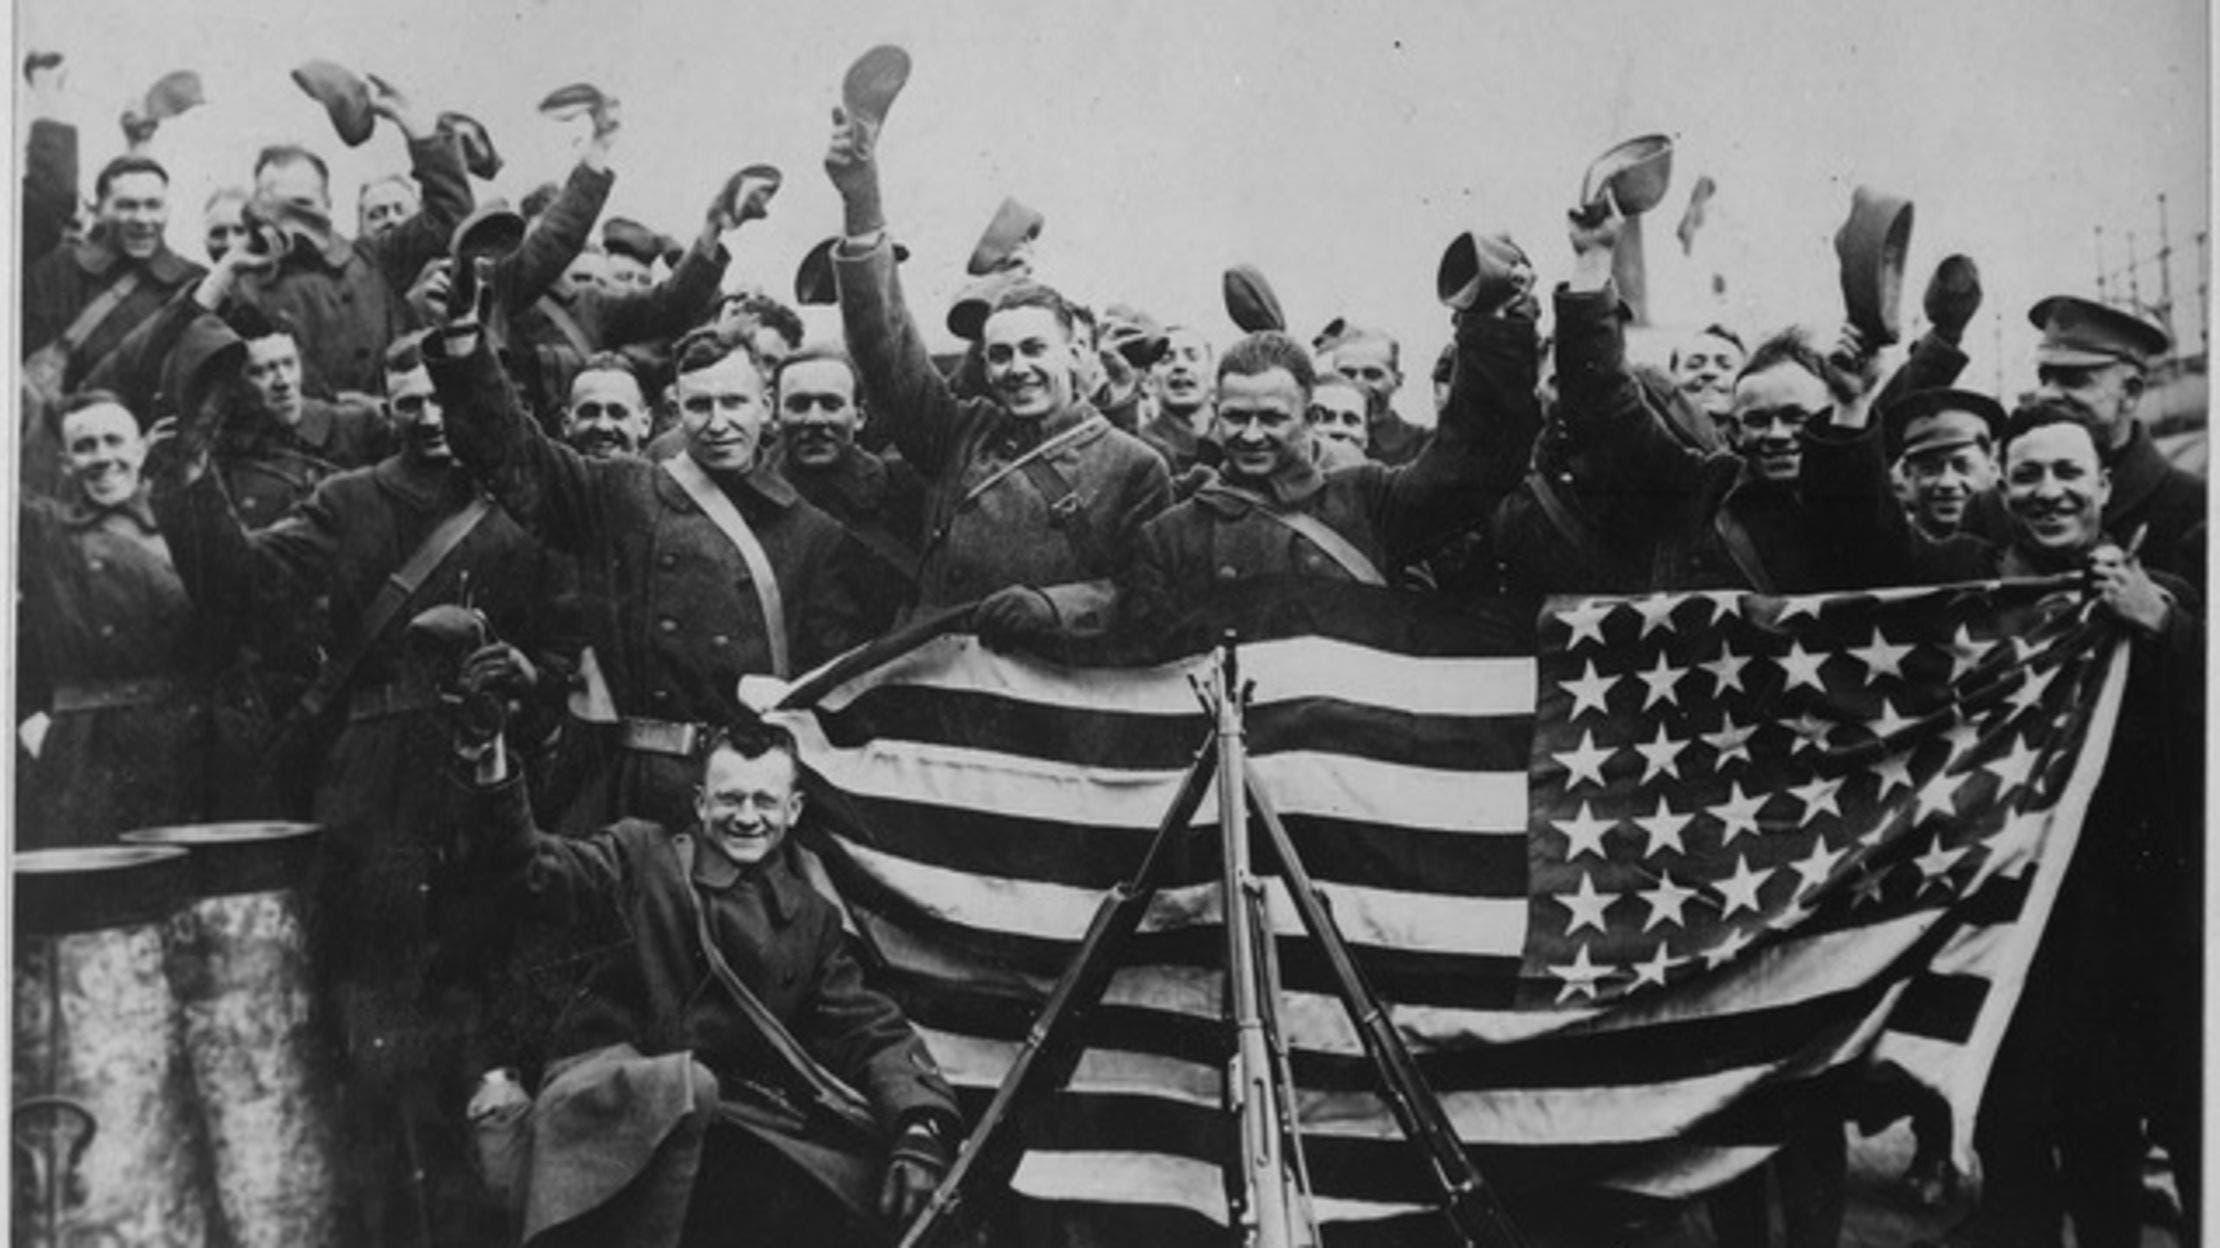 جنود أميركيون أثناء احتفالهم بنهاية الحرب العالمية الأولى